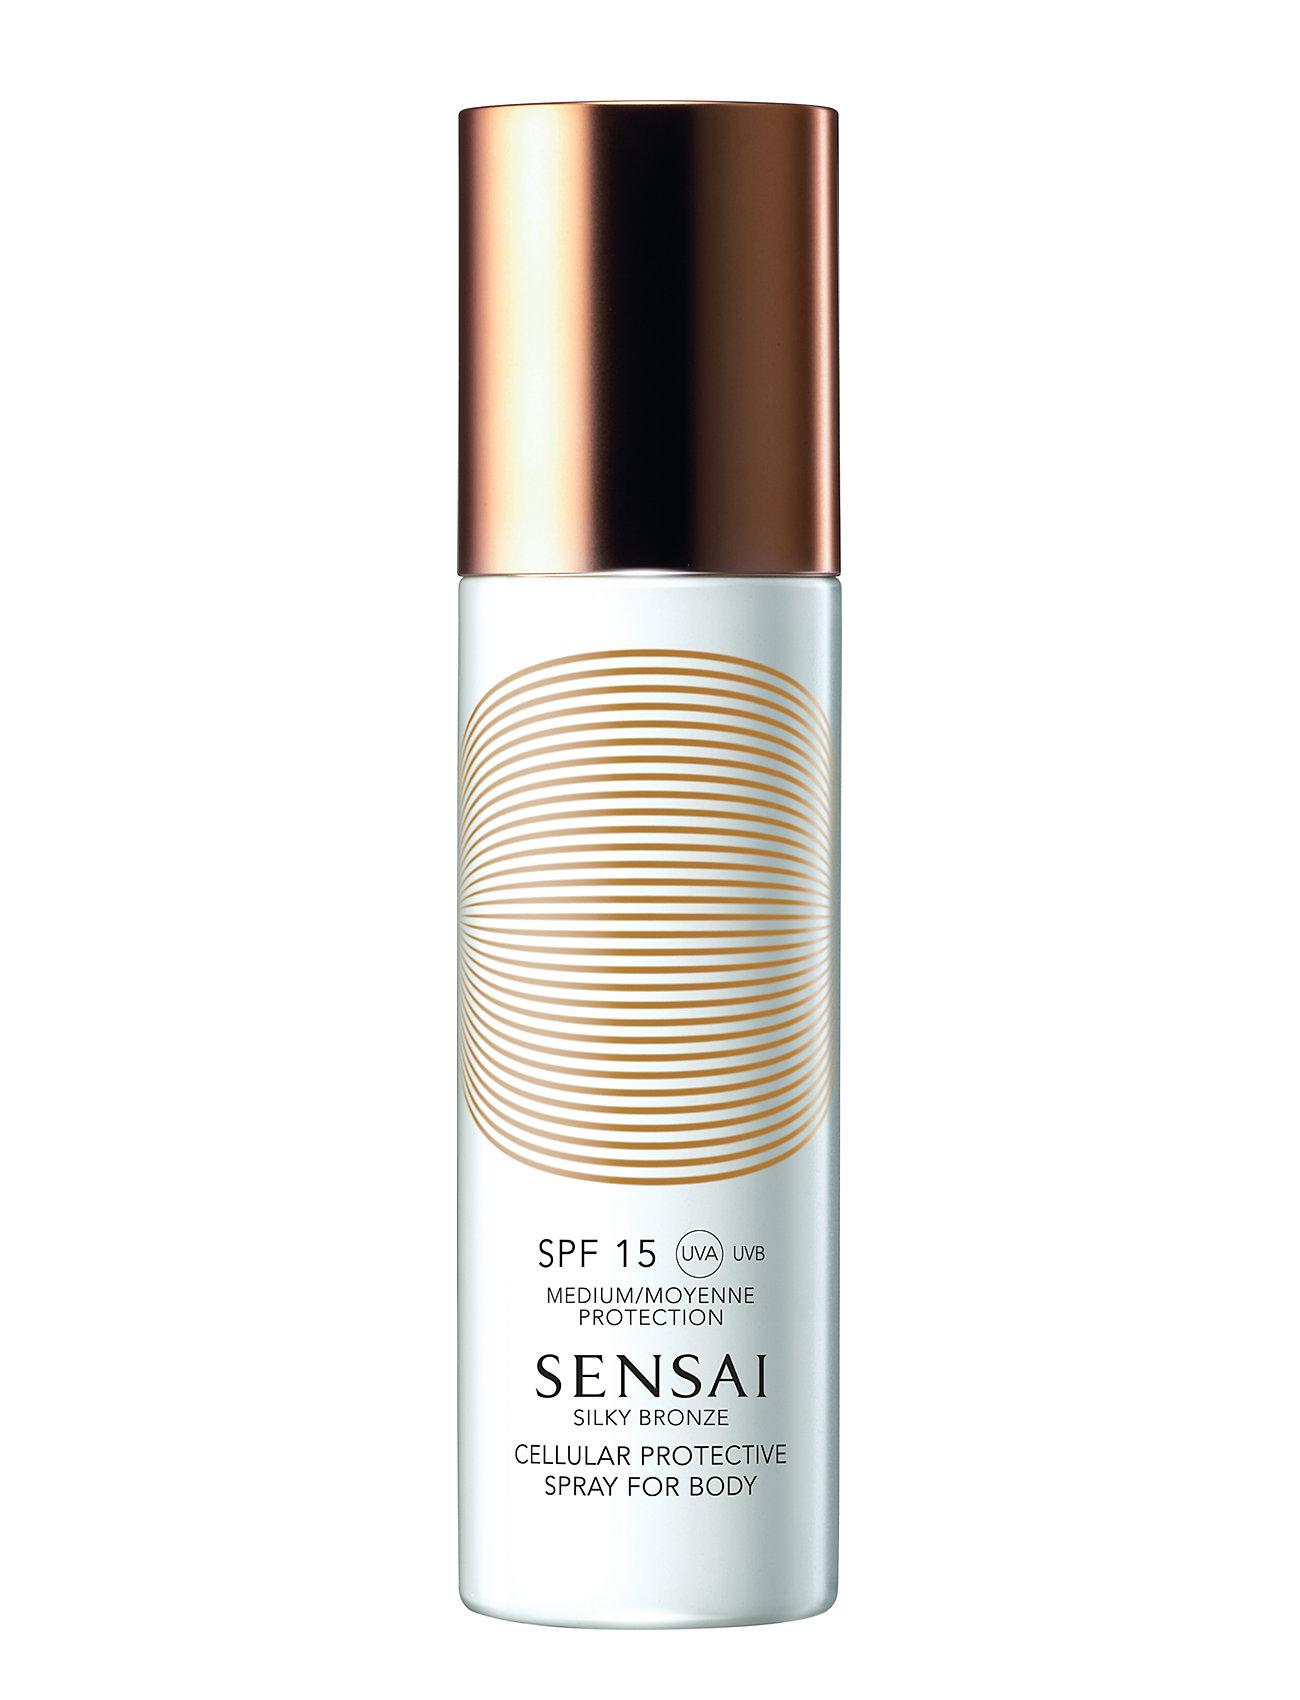 SENSAI Silky Bronze Cellular Protective Spray For Body (SPF 15) - NO COLOR